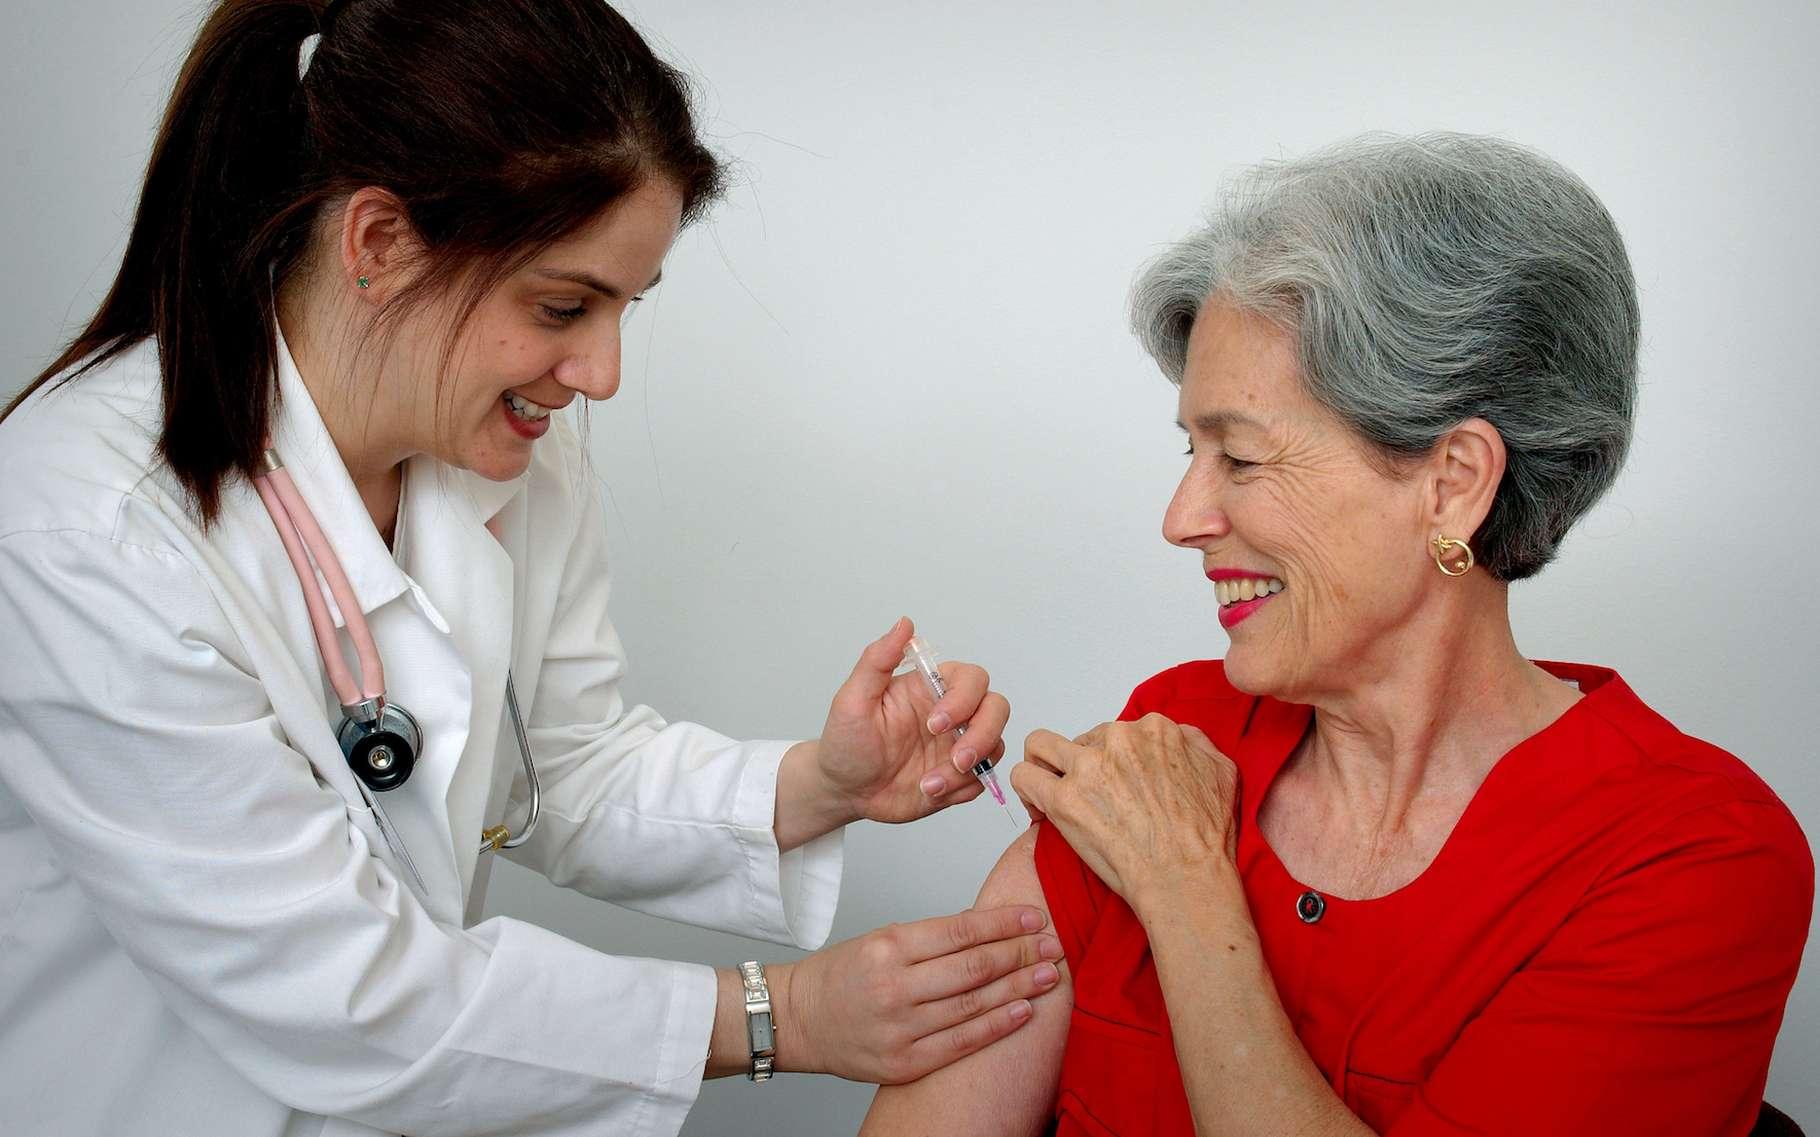 La formulation actuelle du vaccin doit être modifiée chaque année à cause de l'évolution des souches en circulation. À quand un vaccin universel pour toutes les souches grippales ? Des chercheurs espèrent avoir découvert dans les lymphocytes T tueurs une solution pour le développement d'un vaccin universel contre la grippe. © James Gathany, Judy Schmidt, USCDCP, Pixnio